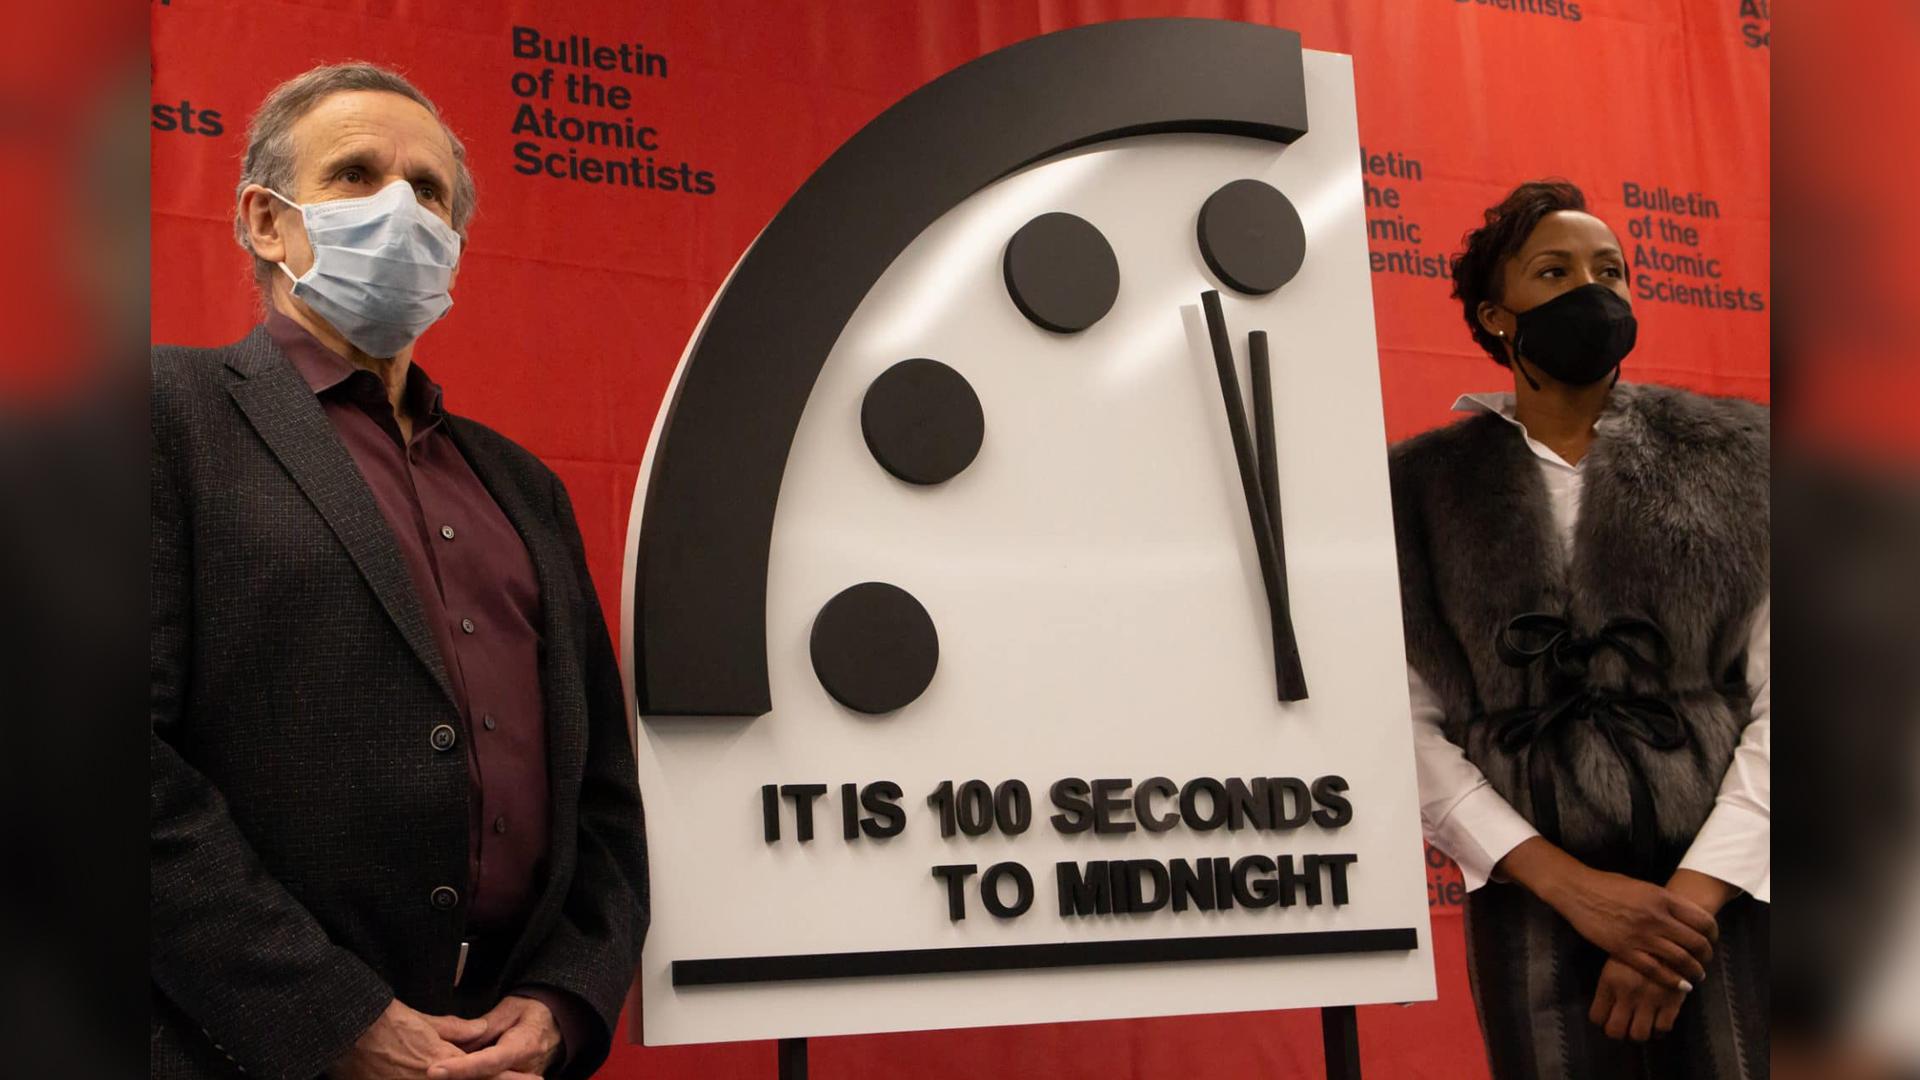 Les membres du Bulletin of the Atomic Scientists 'Science and Security Board, Robert Rosner et Suzet McKinney, révèlent le réglage 2021 de l'horloge Doomsday: il est encore 100 secondes avant minuit.